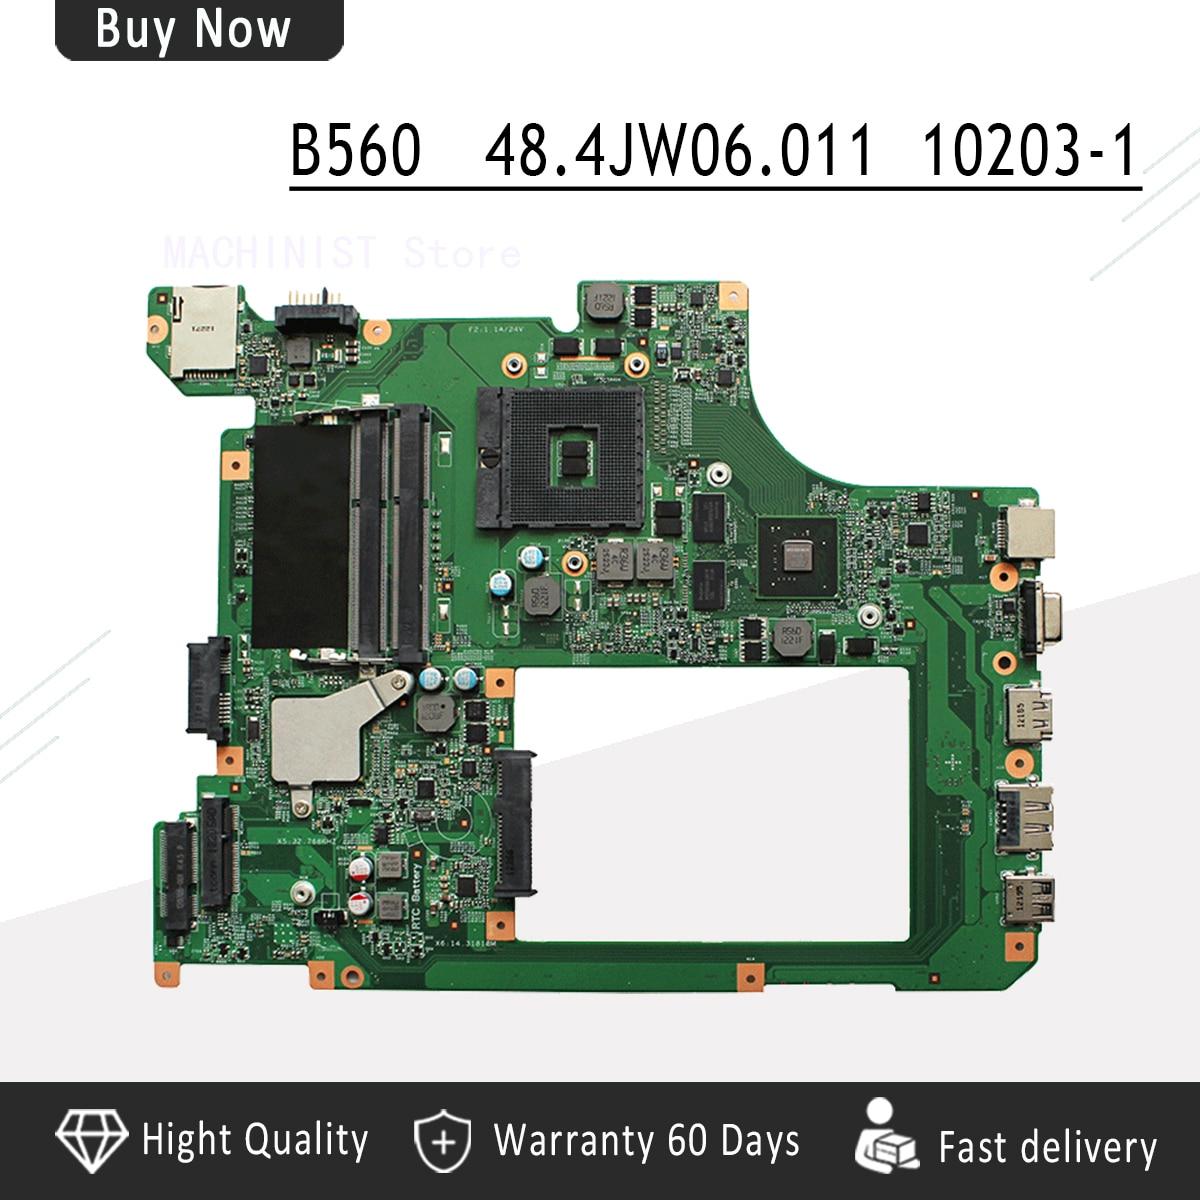 Original For Lenovo B560 V560 laptop notebook motherboard PGA989 GT310M 10203-1 LA56 48.4JW06.011Original For Lenovo B560 V560 laptop notebook motherboard PGA989 GT310M 10203-1 LA56 48.4JW06.011